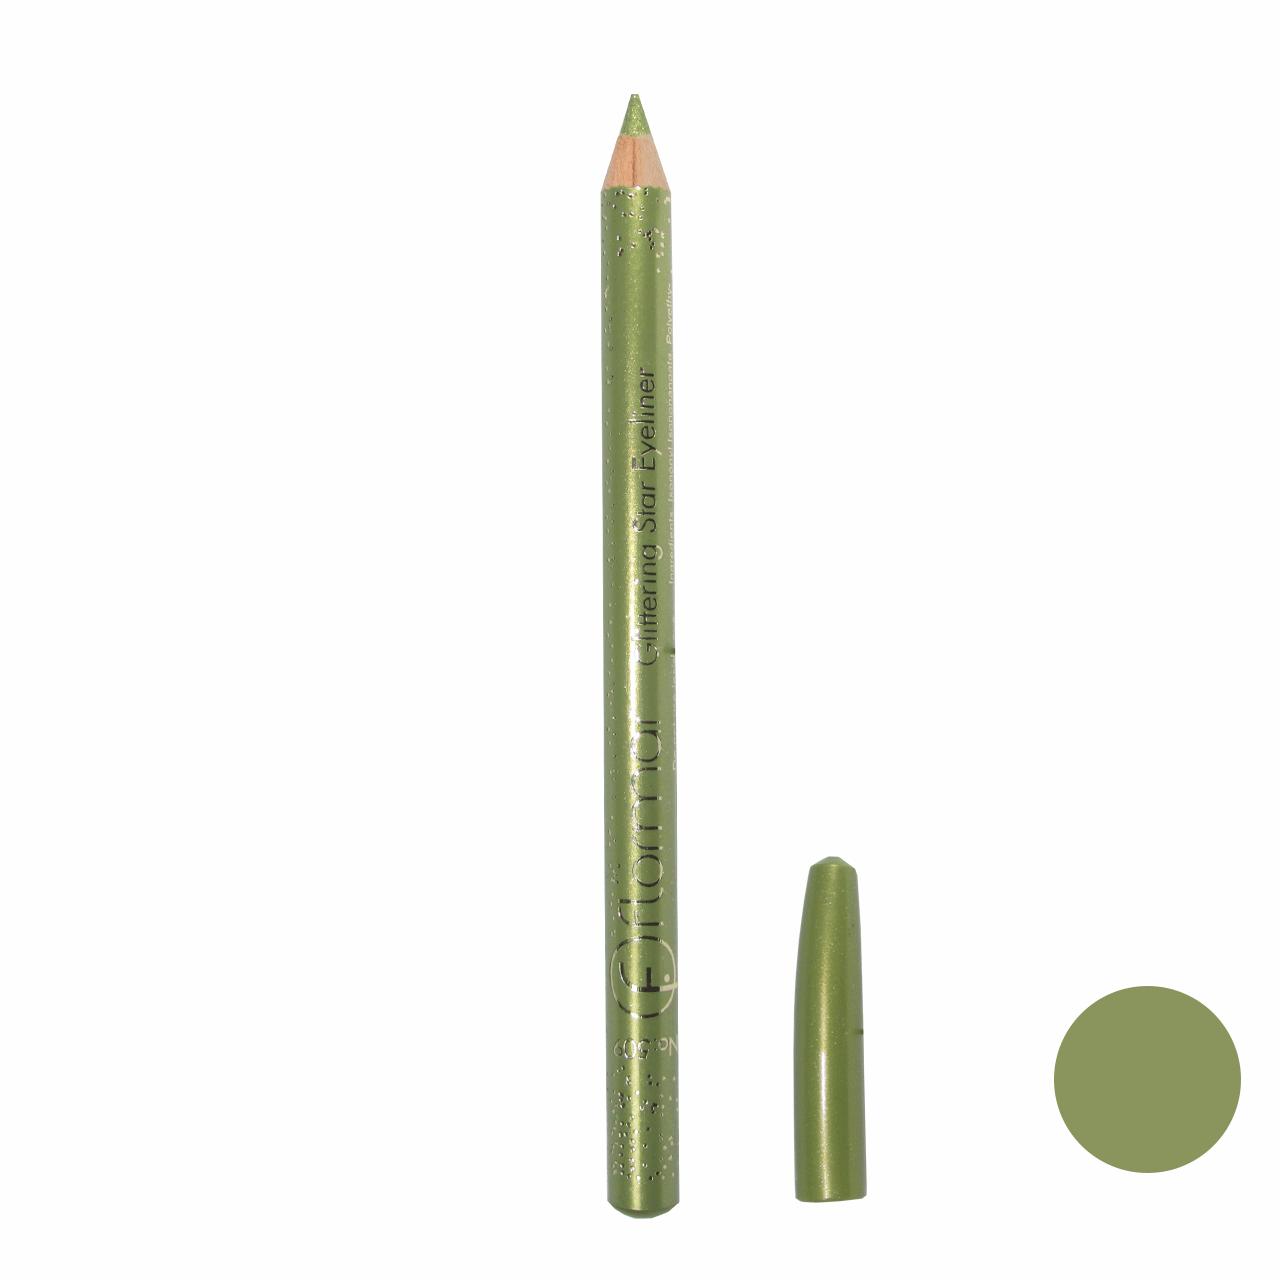 مداد چشم اکلیلی فلورمار شماره 509 -  - 1